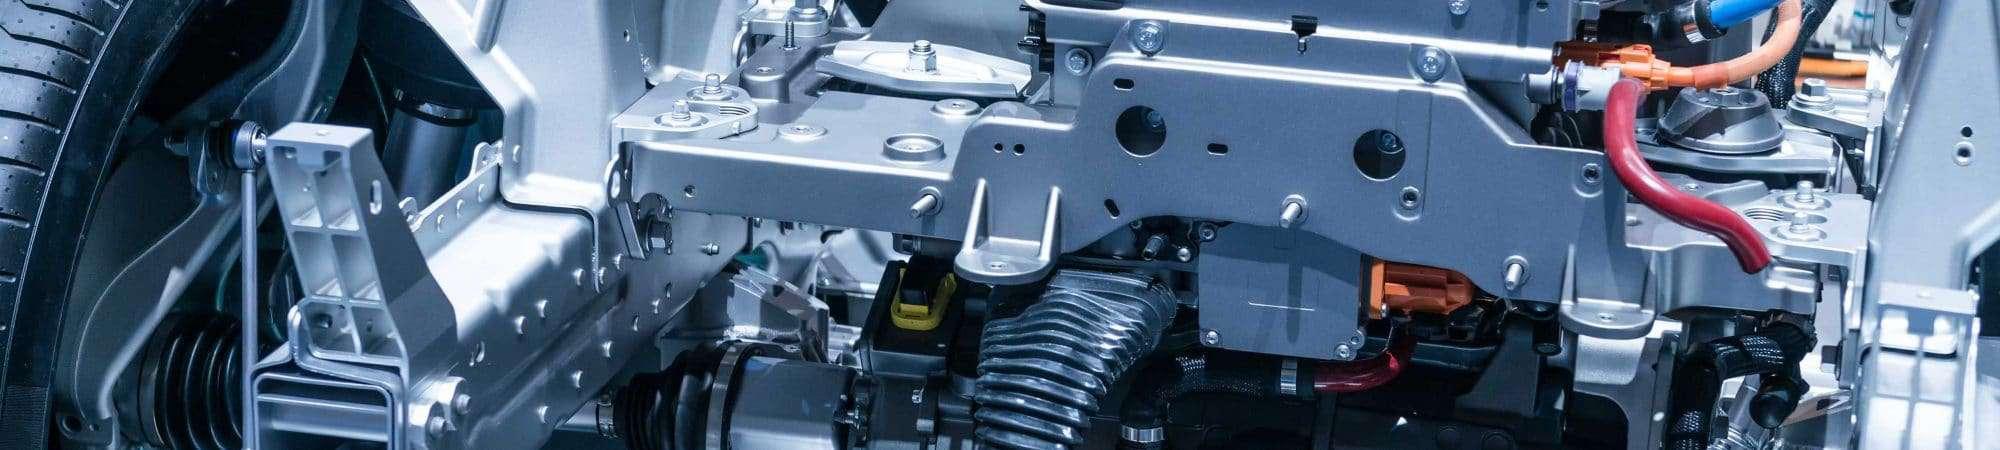 Foto de motor de carros elétricos